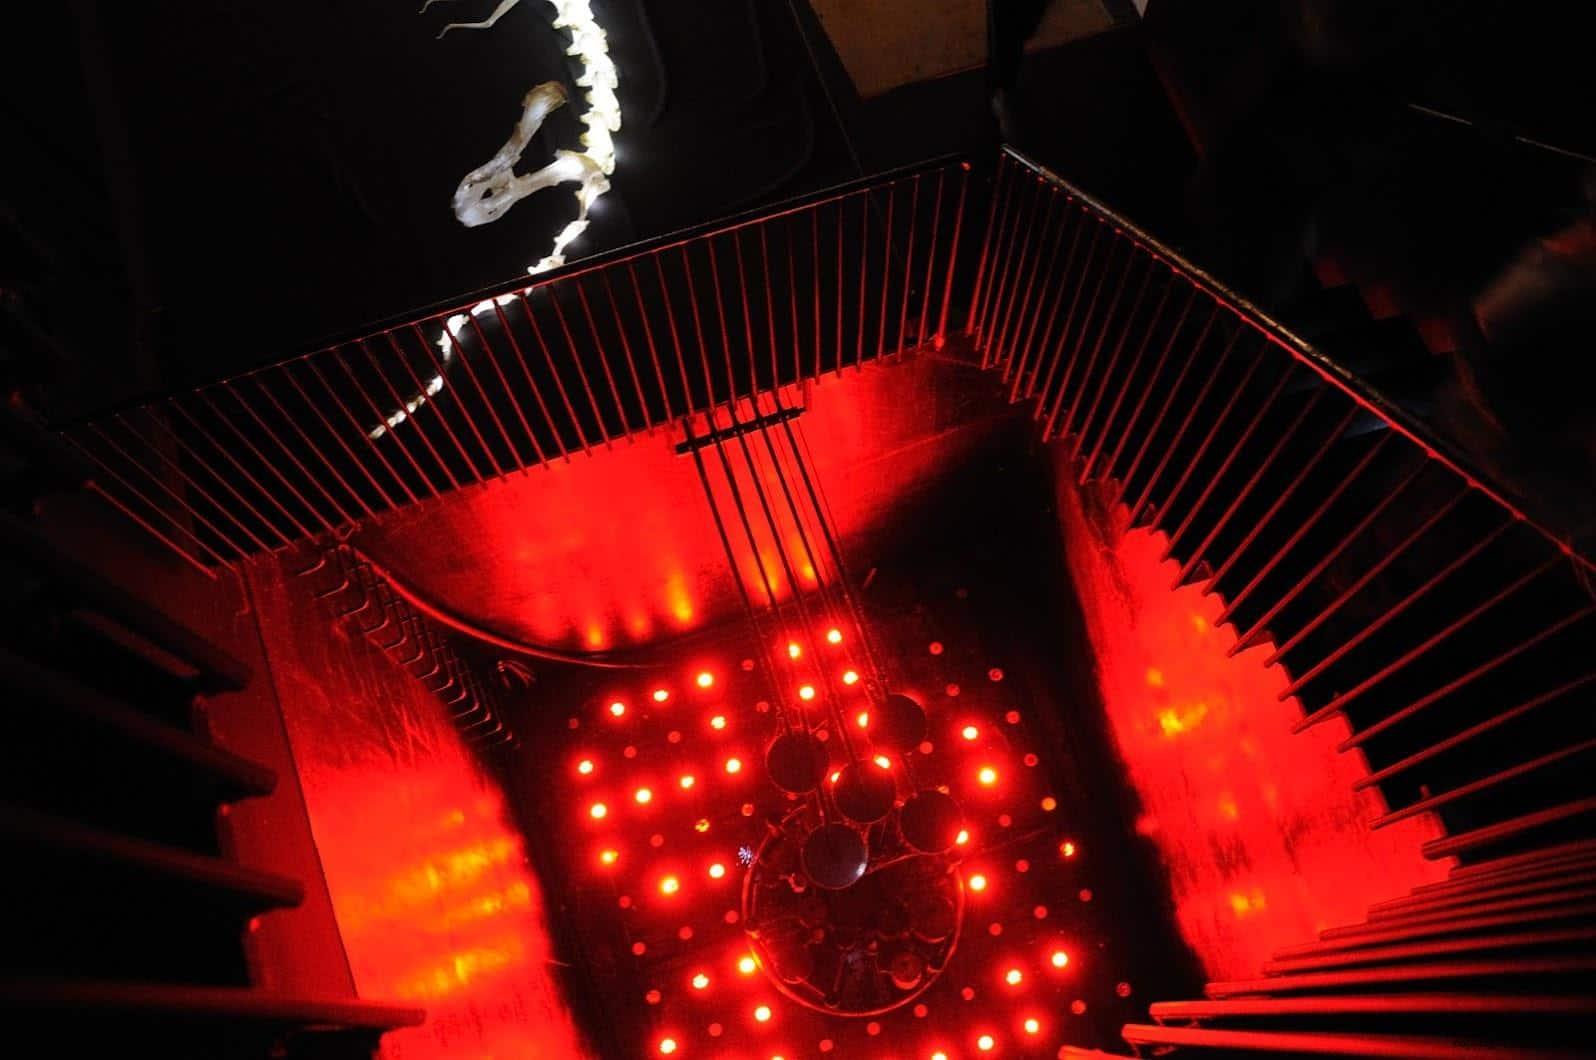 新野洋,日月之江;垂掉在前往十日町市立里山科學館/森林學校高塔的路程中,應對下方紅色詭異光線彷彿是進入地獄的路程 空想x體驗!里山極小極大生物實驗室 空想X體驗!里山極小極大生物實驗室 imaginationexperience micro and macro laboratory of forest life 04